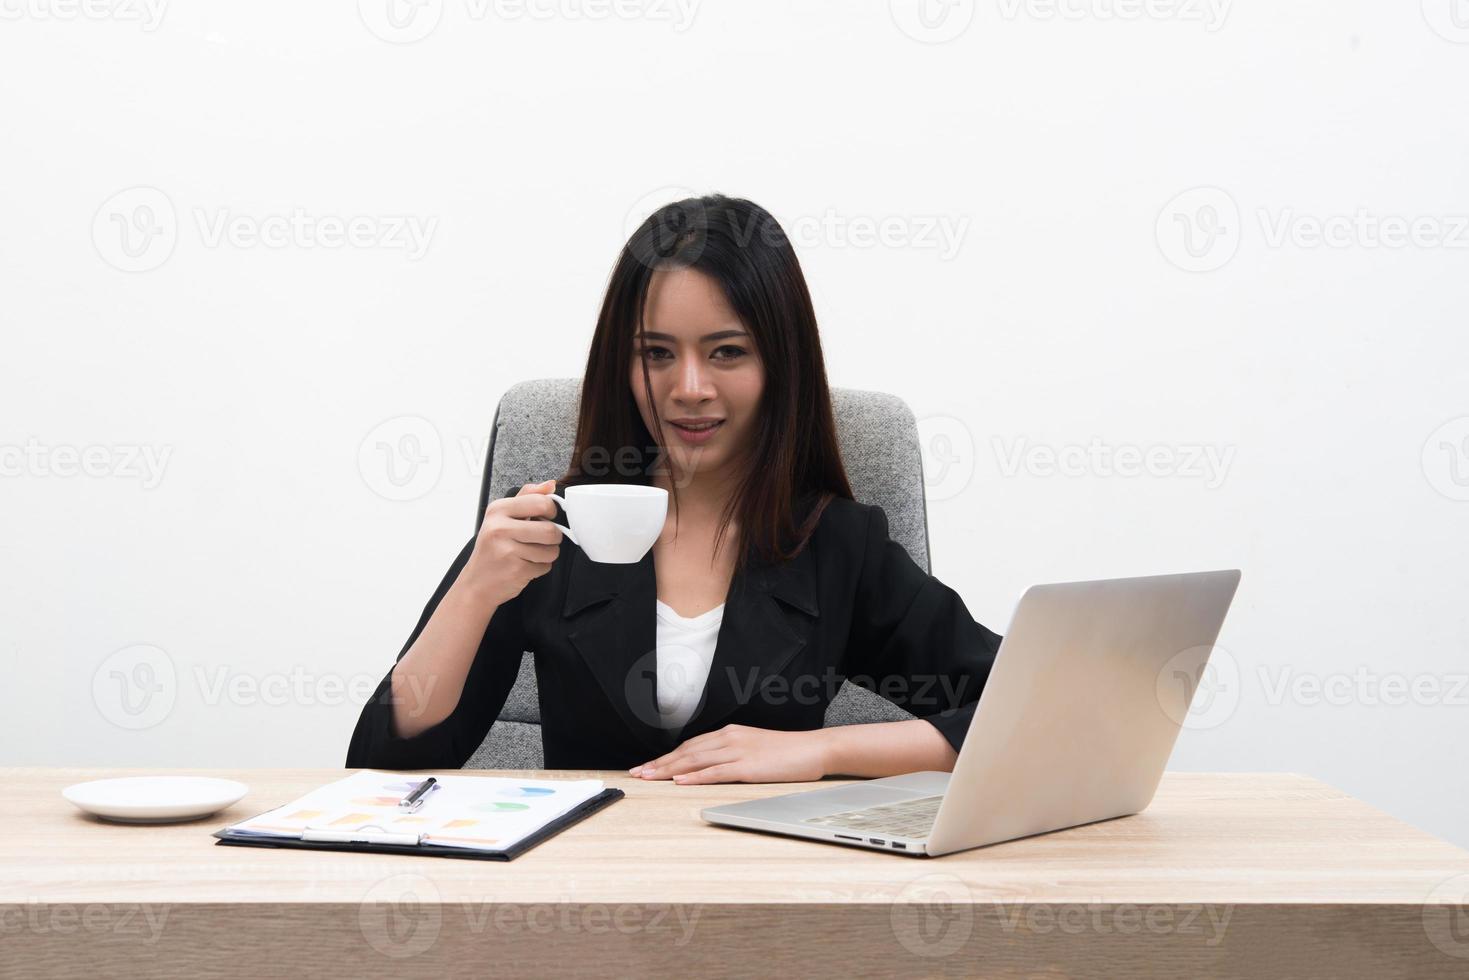 jonge Aziatische zaken vrouw met laptop in het kantoor geïsoleerd op een witte achtergrond foto